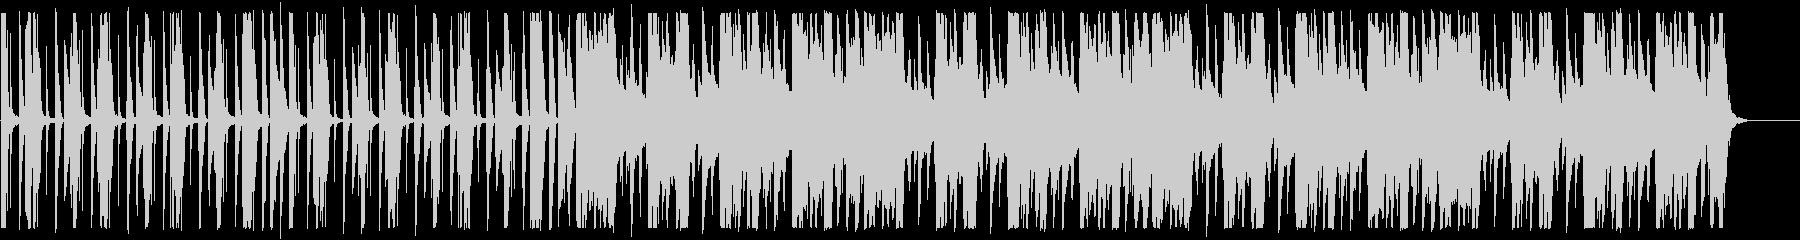 キラキラ/ローファイ_No593_3の未再生の波形